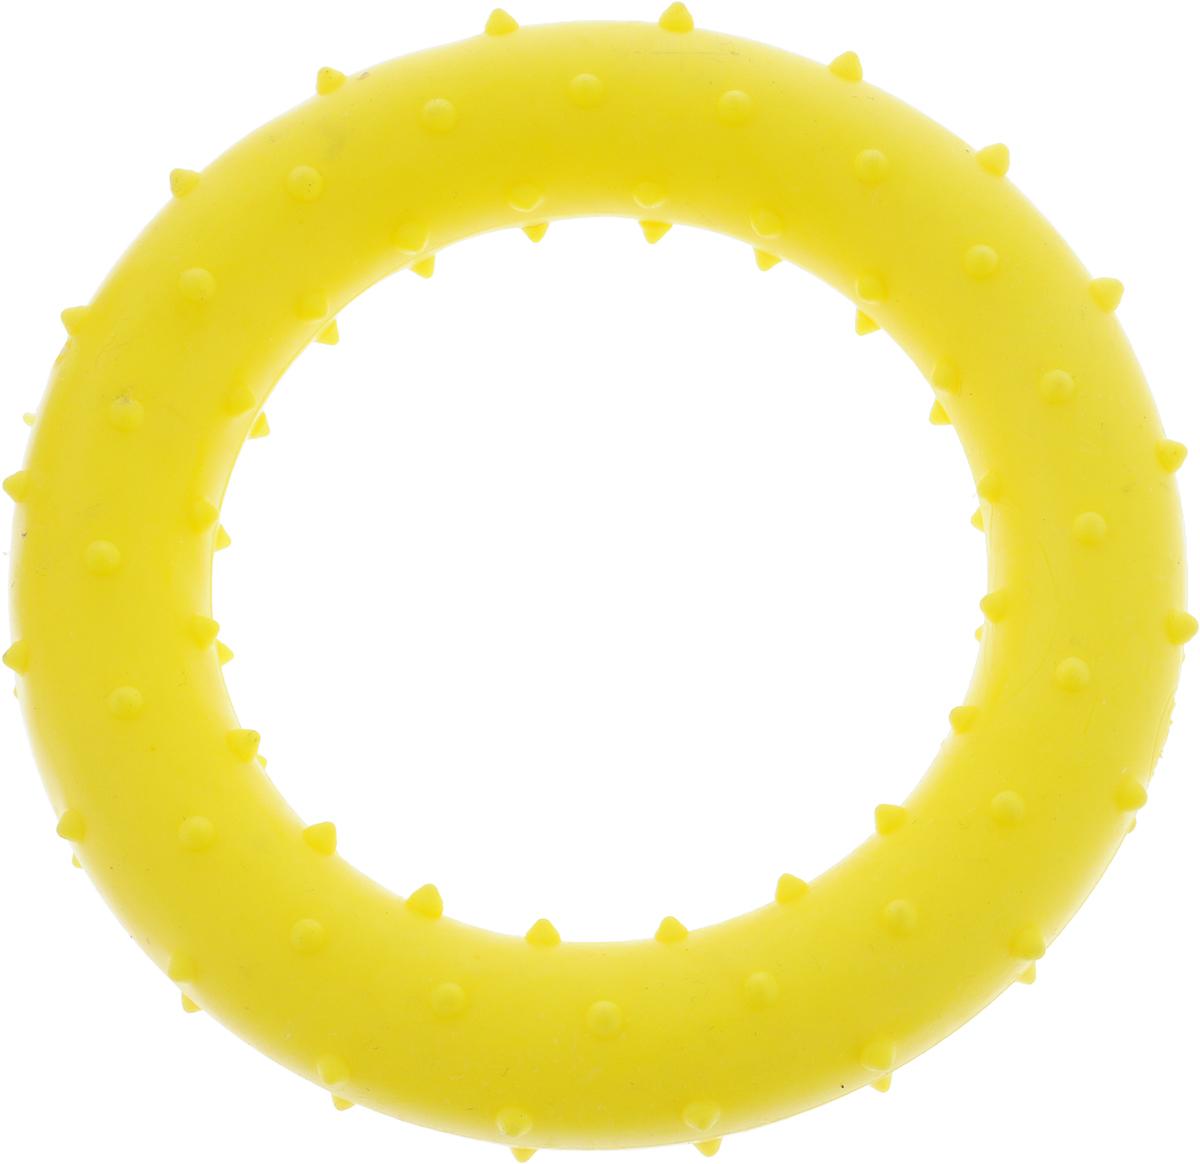 Игрушка для собак Грызлик Ам Кольцо с шипами, цвет: желтый, диаметр 8 см30.GR.007Игрушка для собак Грызлик Ам Кольцо с шипами изготовлена из термопластичной резины, устойчивой к повреждениям. Игрушка поможет занять щенка во время смены зубов, а расшалившаяся взрослая собака не будет грызть мебель, обувь и другие нужные вещи.